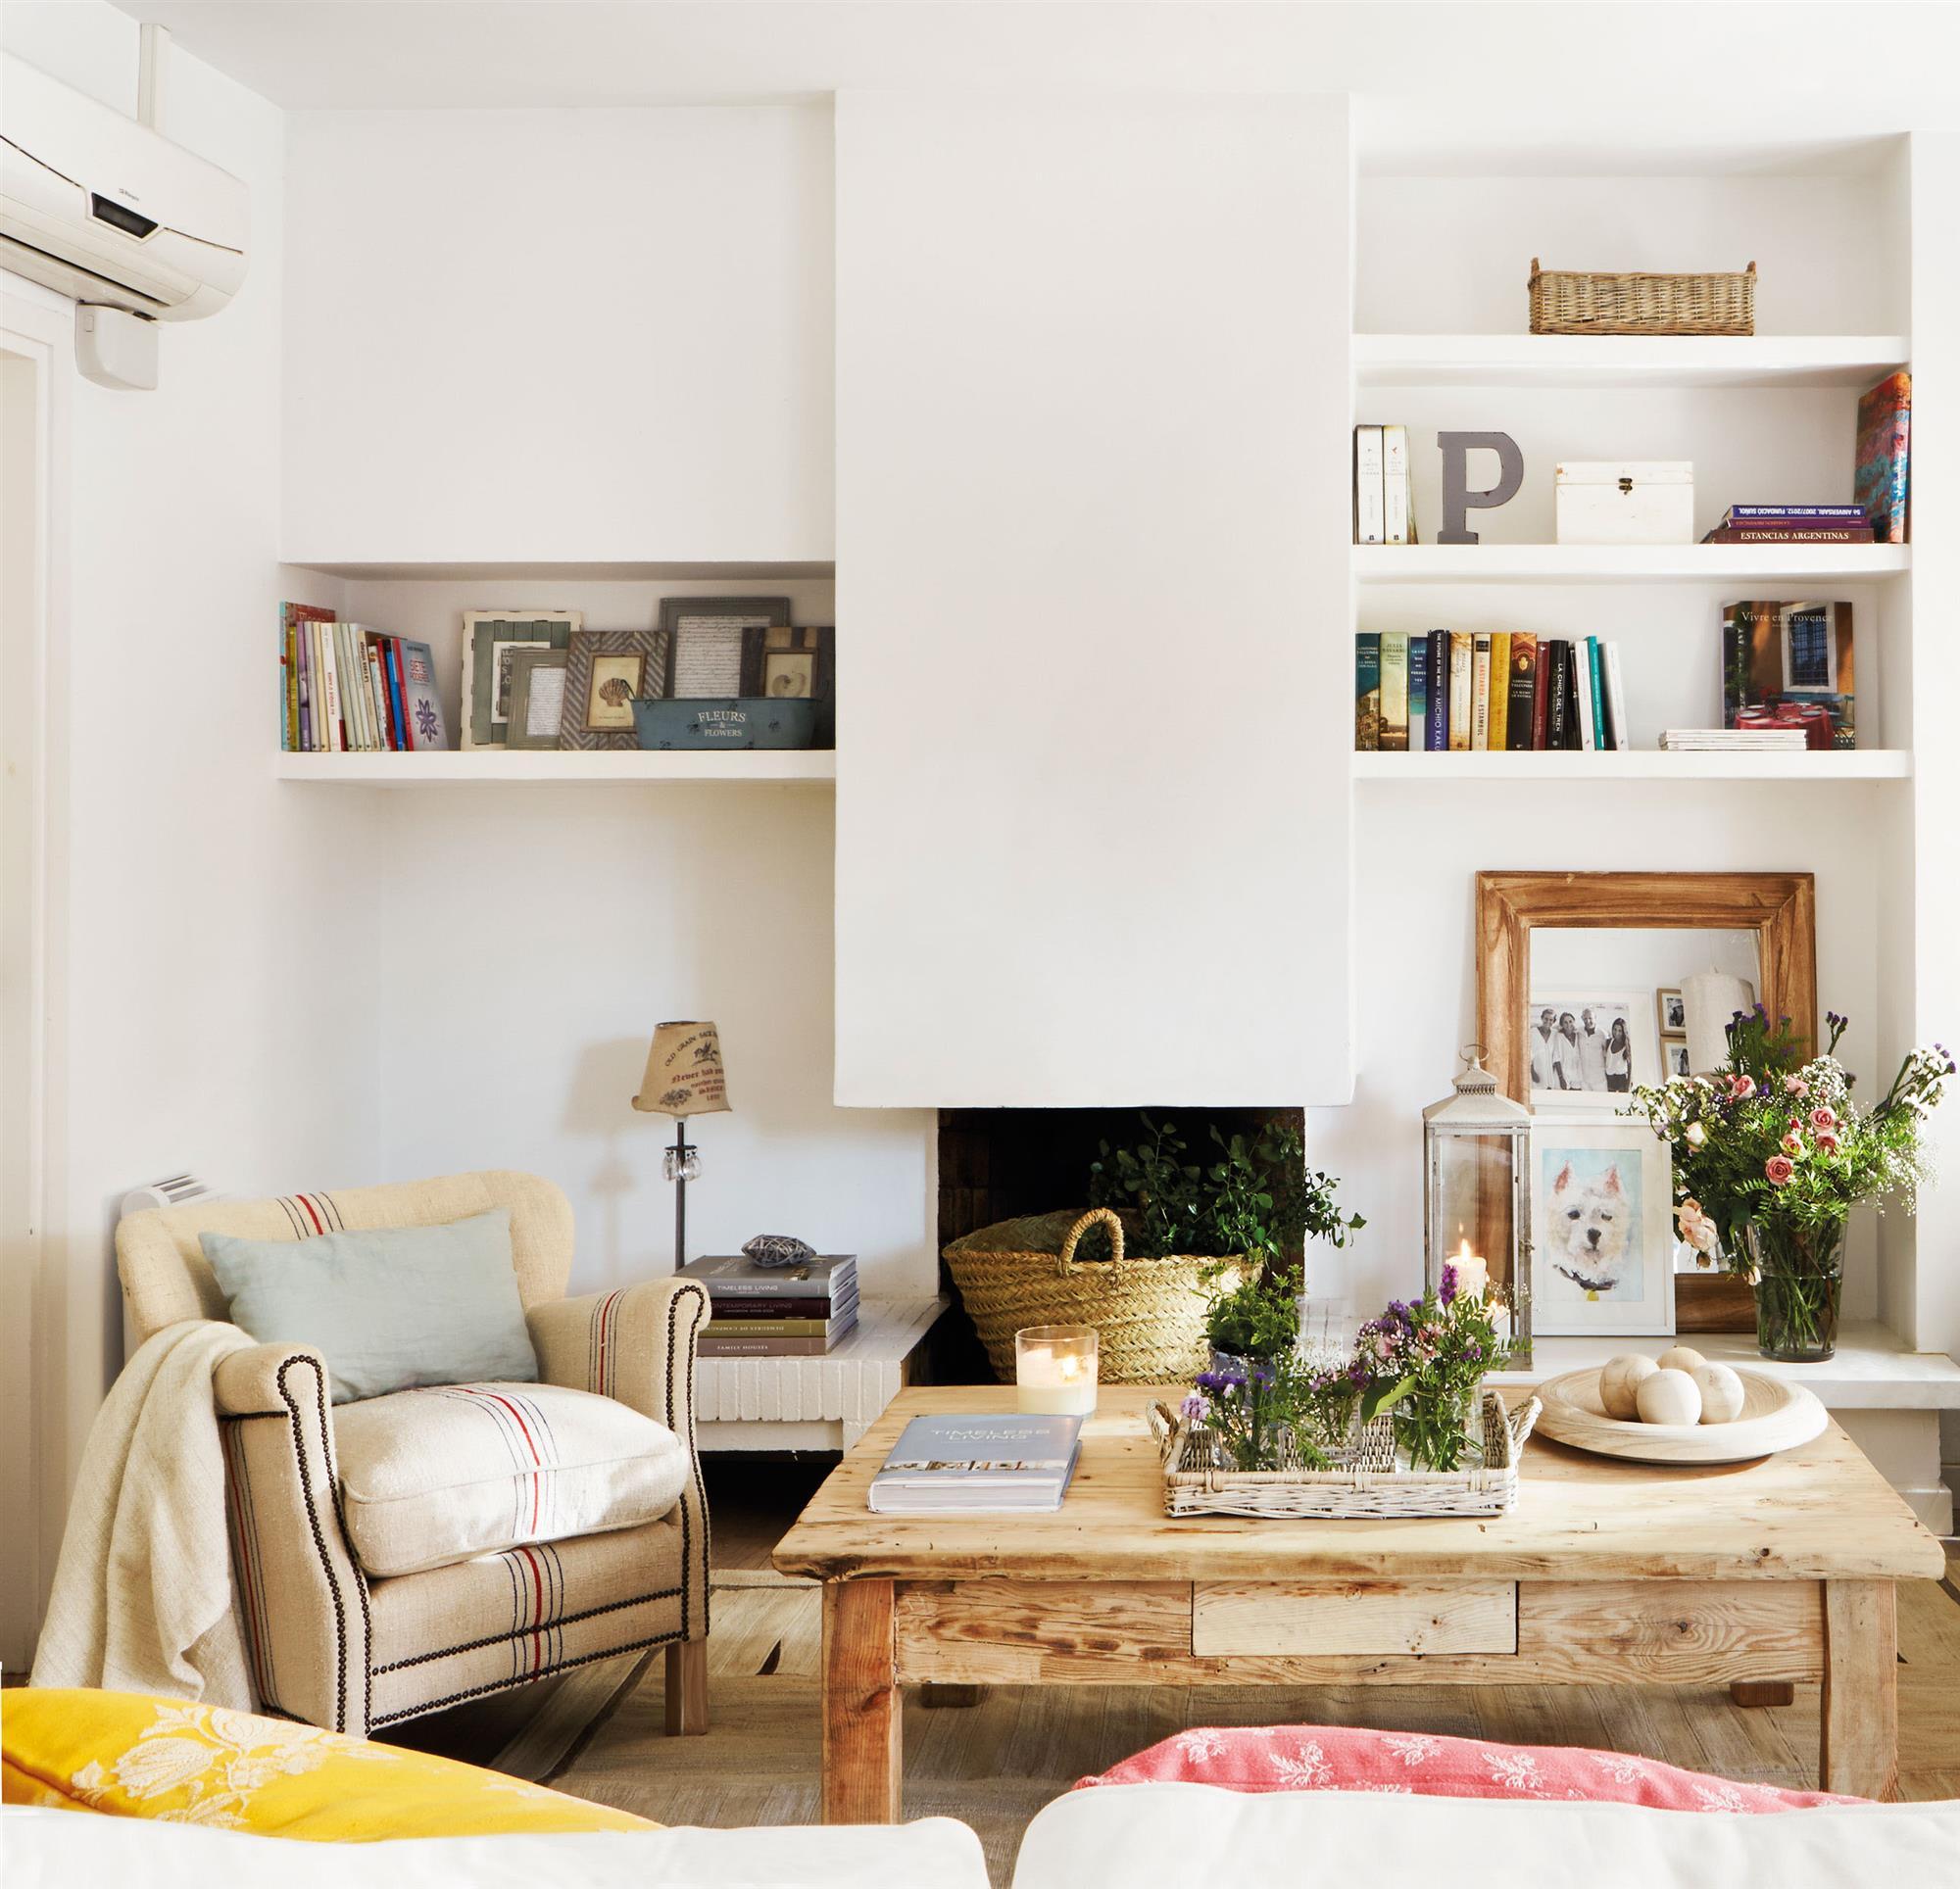 Poner calefaccion en casa precios top ahora ya eres un - Calefaccion en casa ...